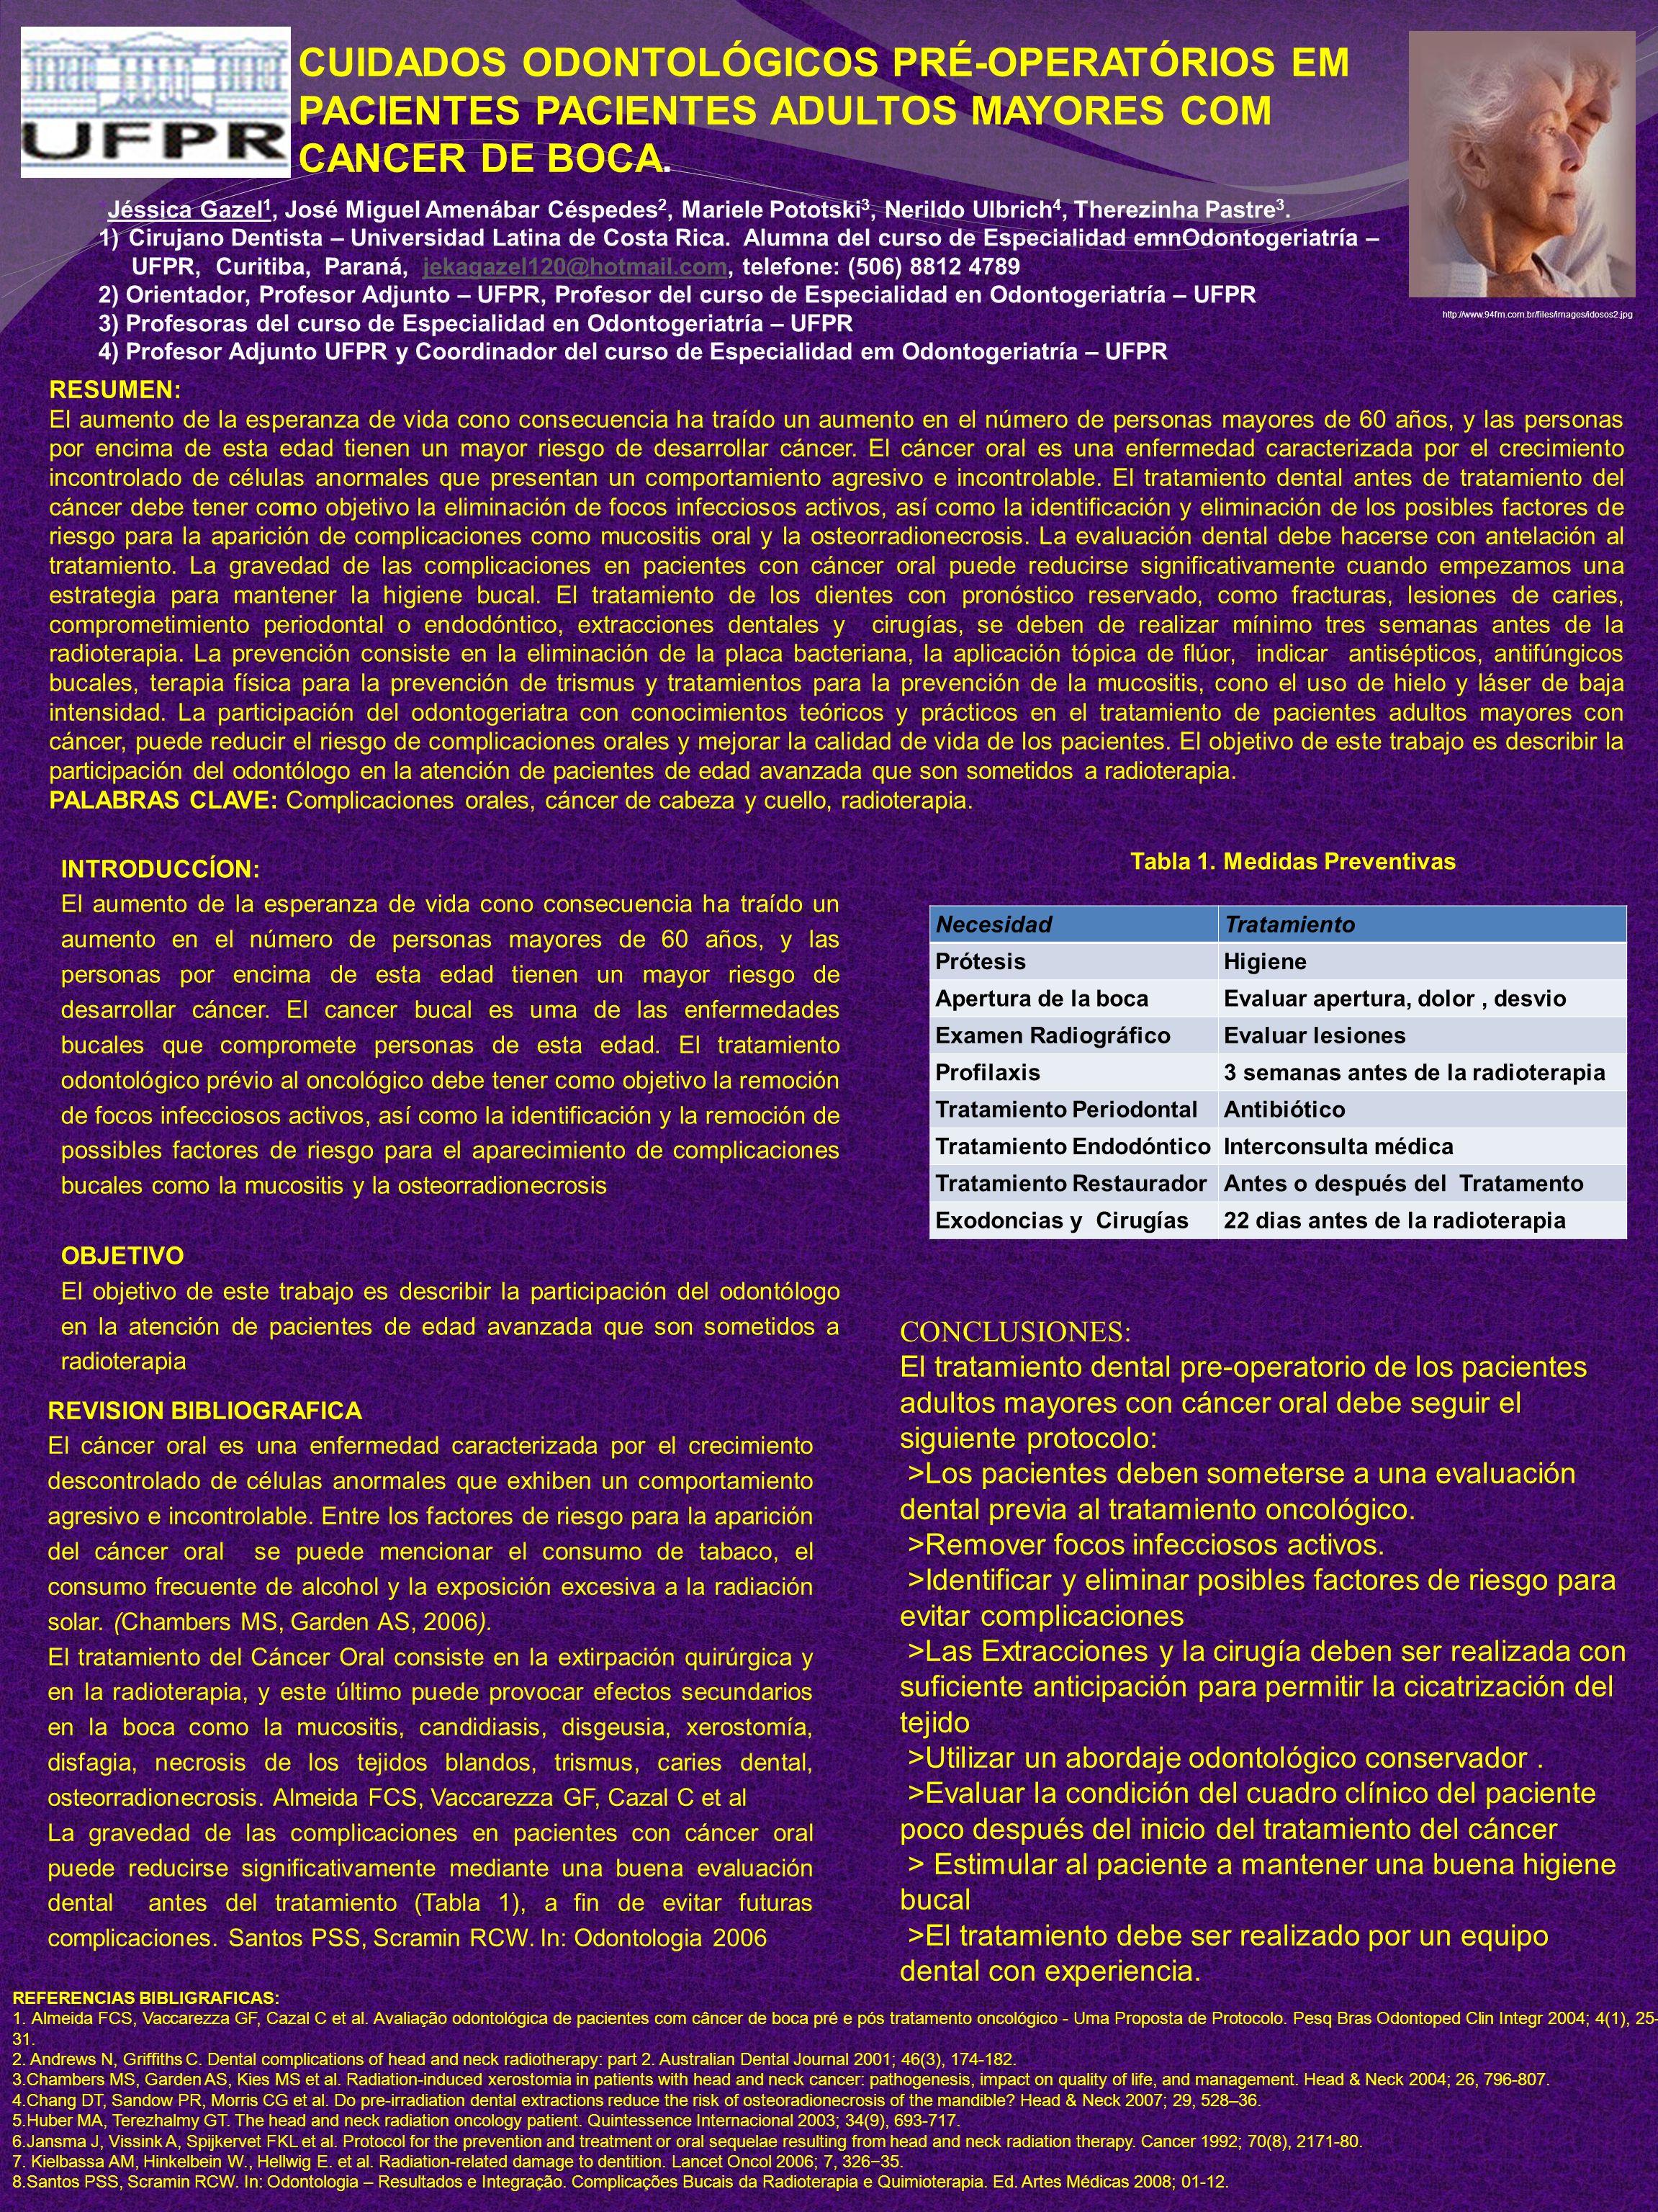 Tabla 1. Medidas Preventivas